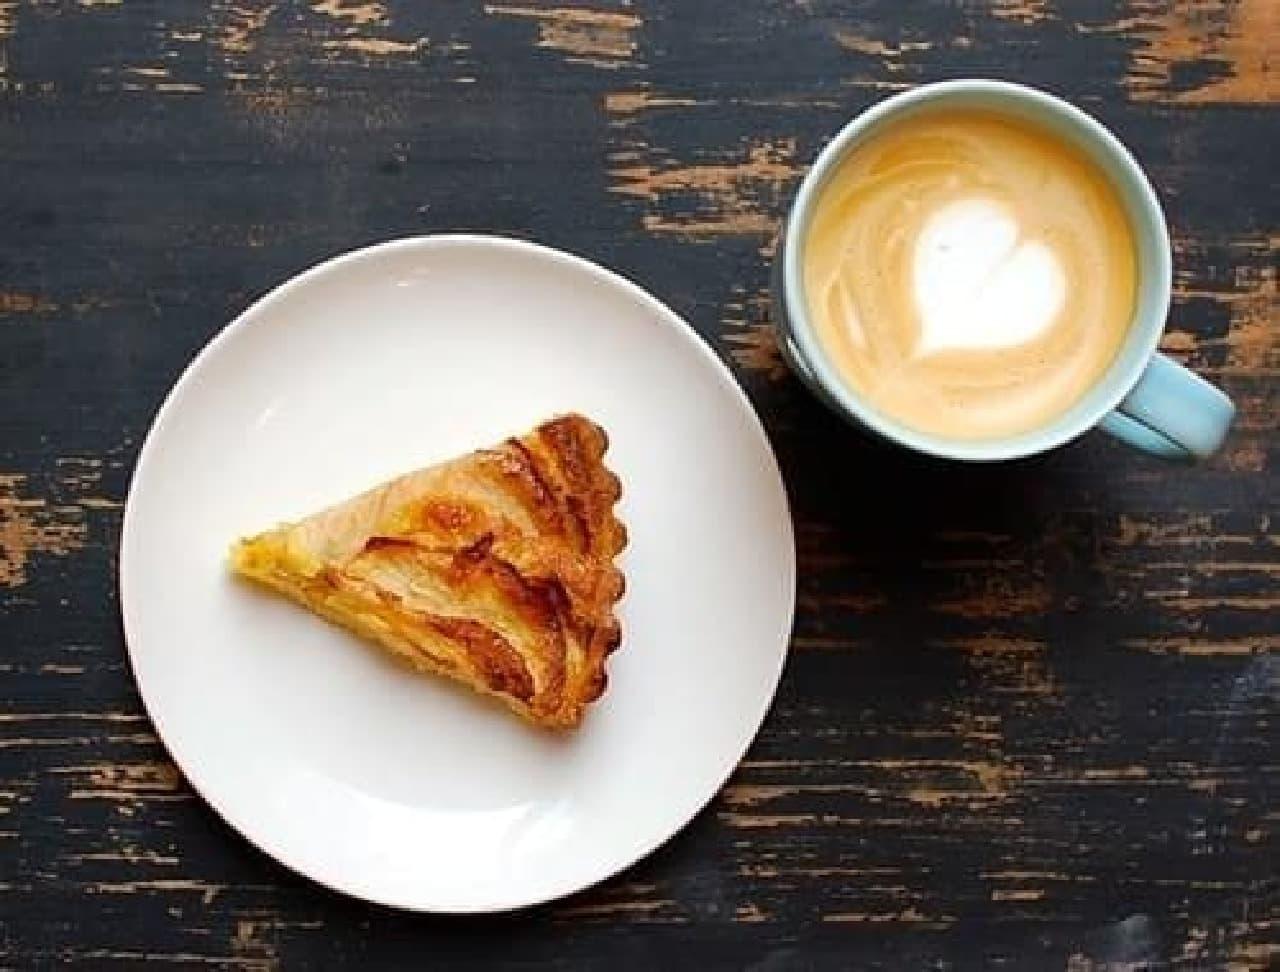 おいしいコーヒーと、季節の焼菓子はいかが?